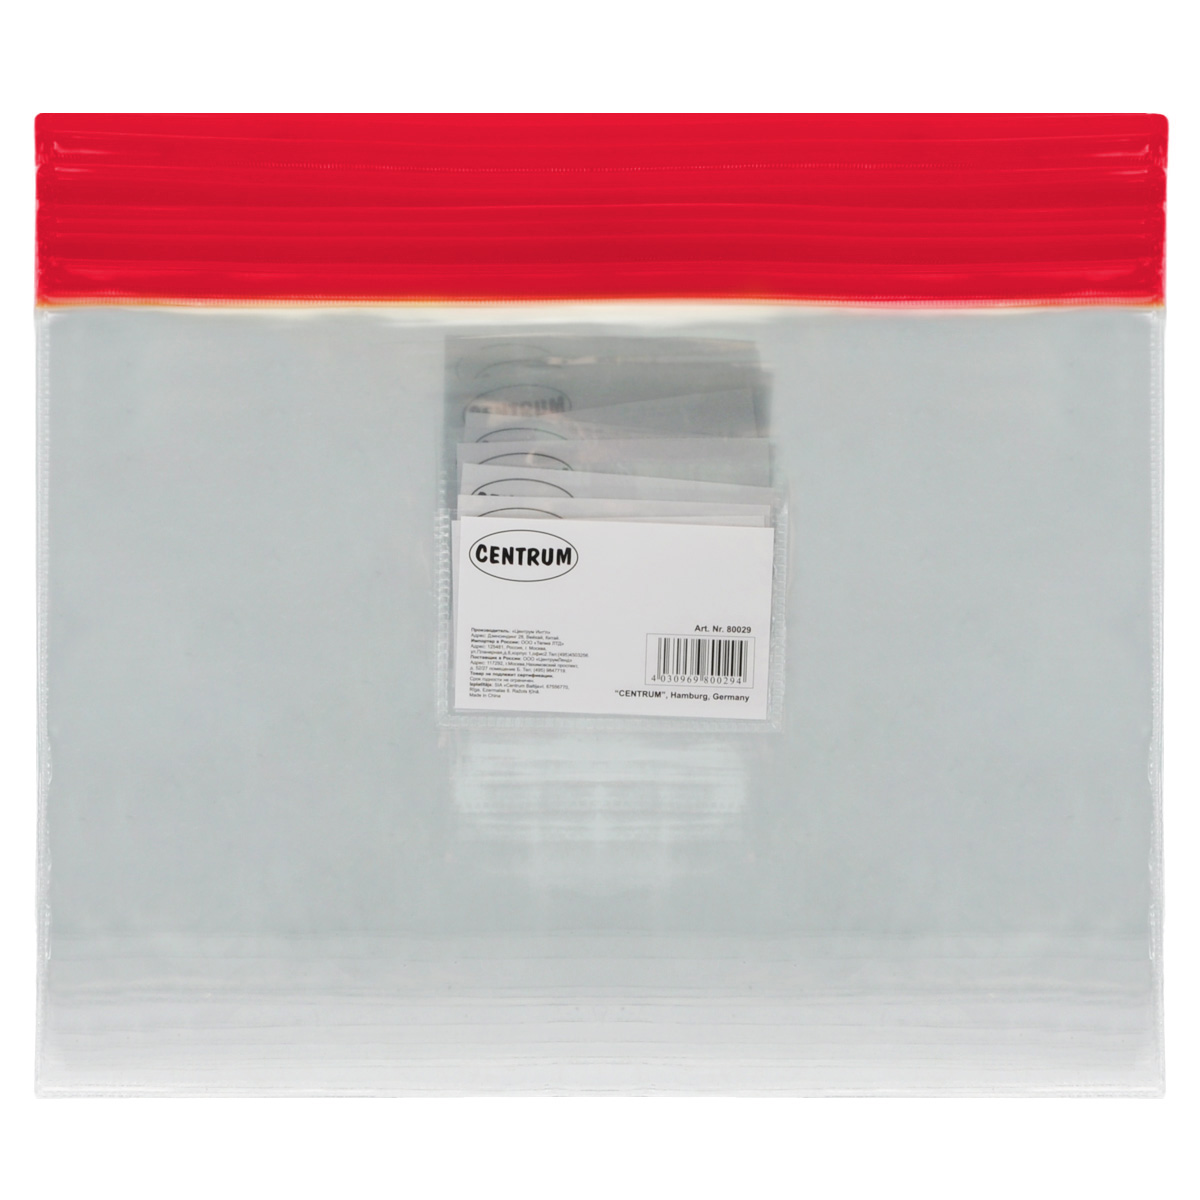 Папка-конверт на молнии Centrum, прозрачная, цвет: красный. Евроформат, 20 шт80027красн/прозрачн